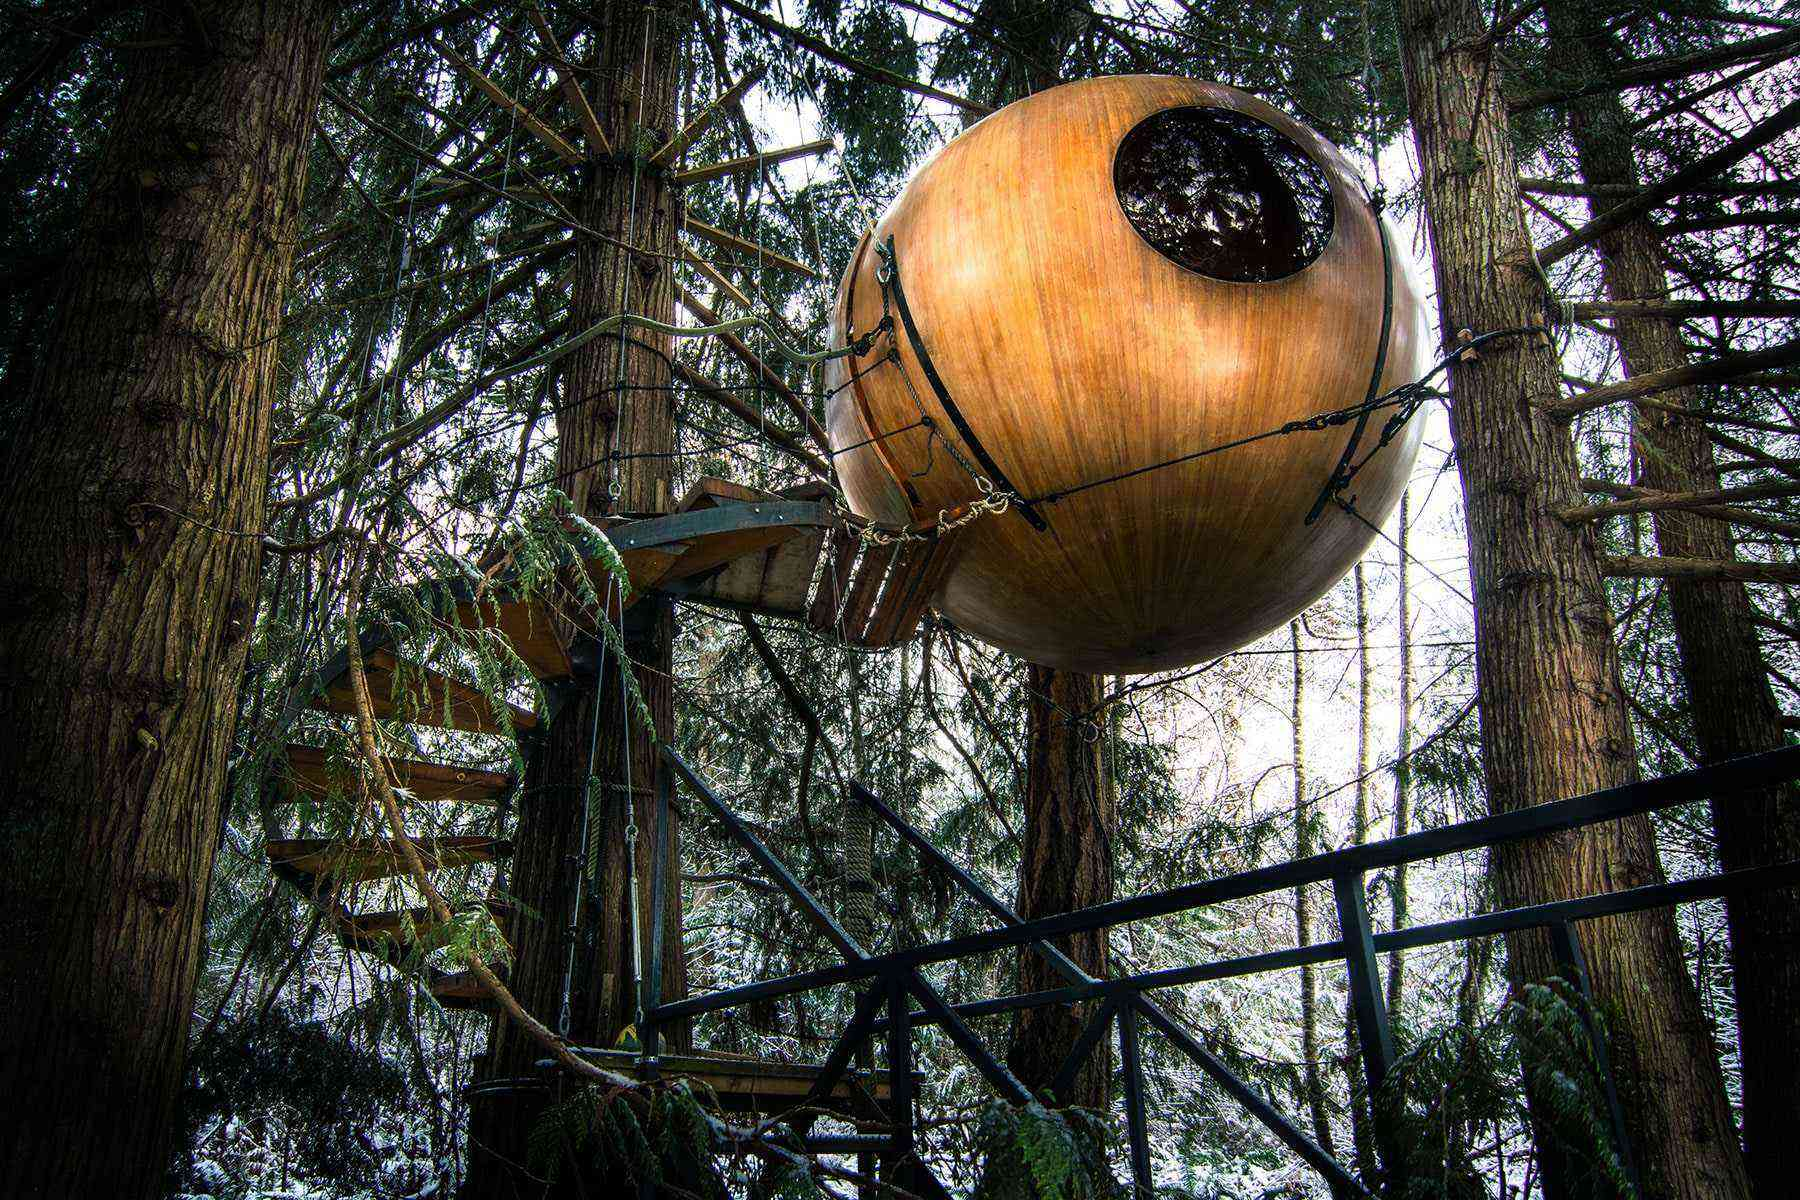 Unusual-Treehouses-Free-Spirit-Spheres-1